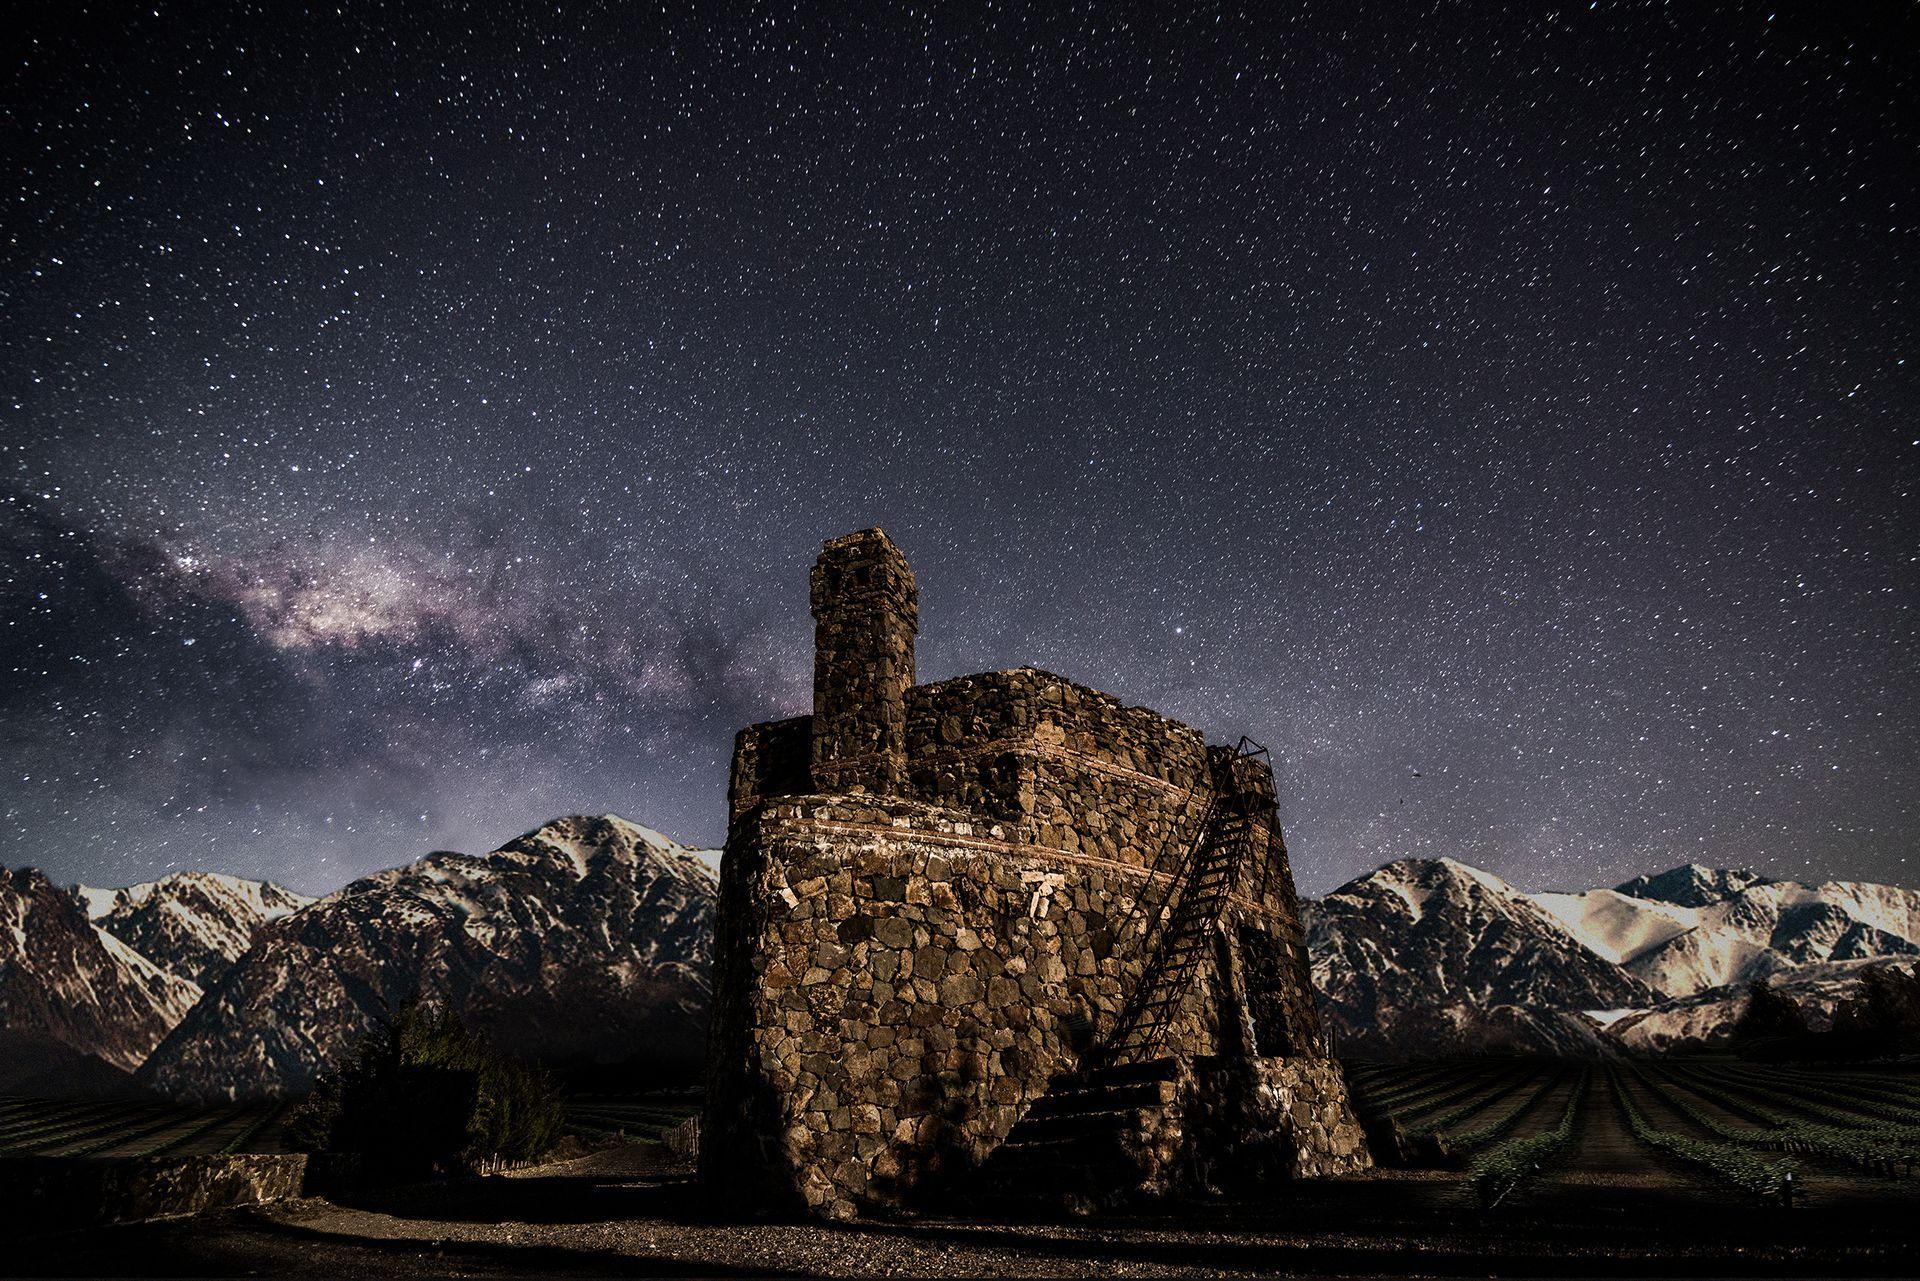 Vista nocturna del mirador de piedra del viñedo Adrianna, en Gualtallary